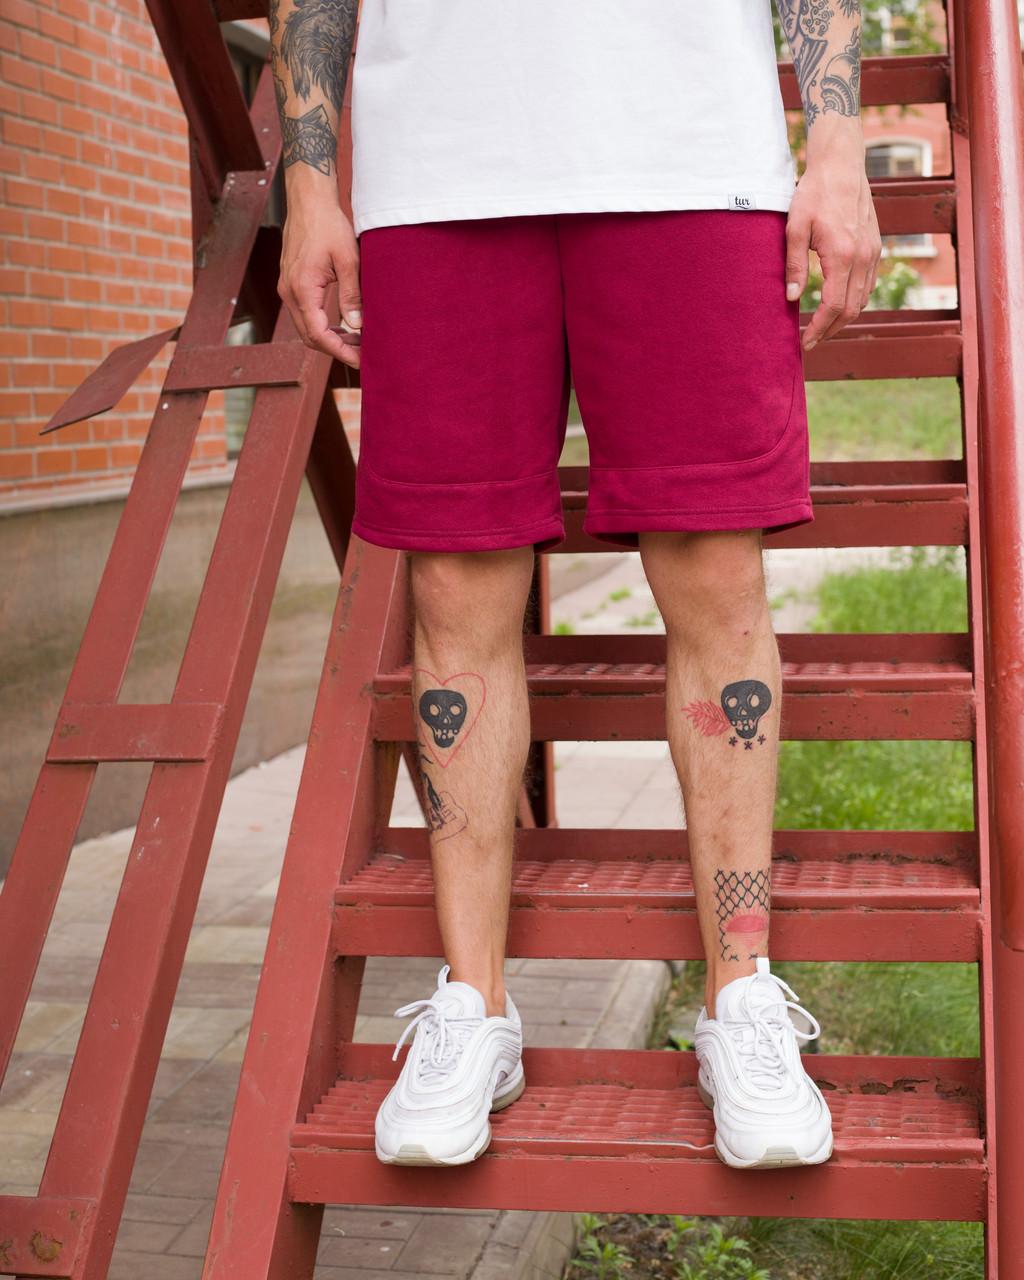 Шорты мужские бордового цвета от бренда ТУР модель Сем (Sam) размер S, M, L, XL